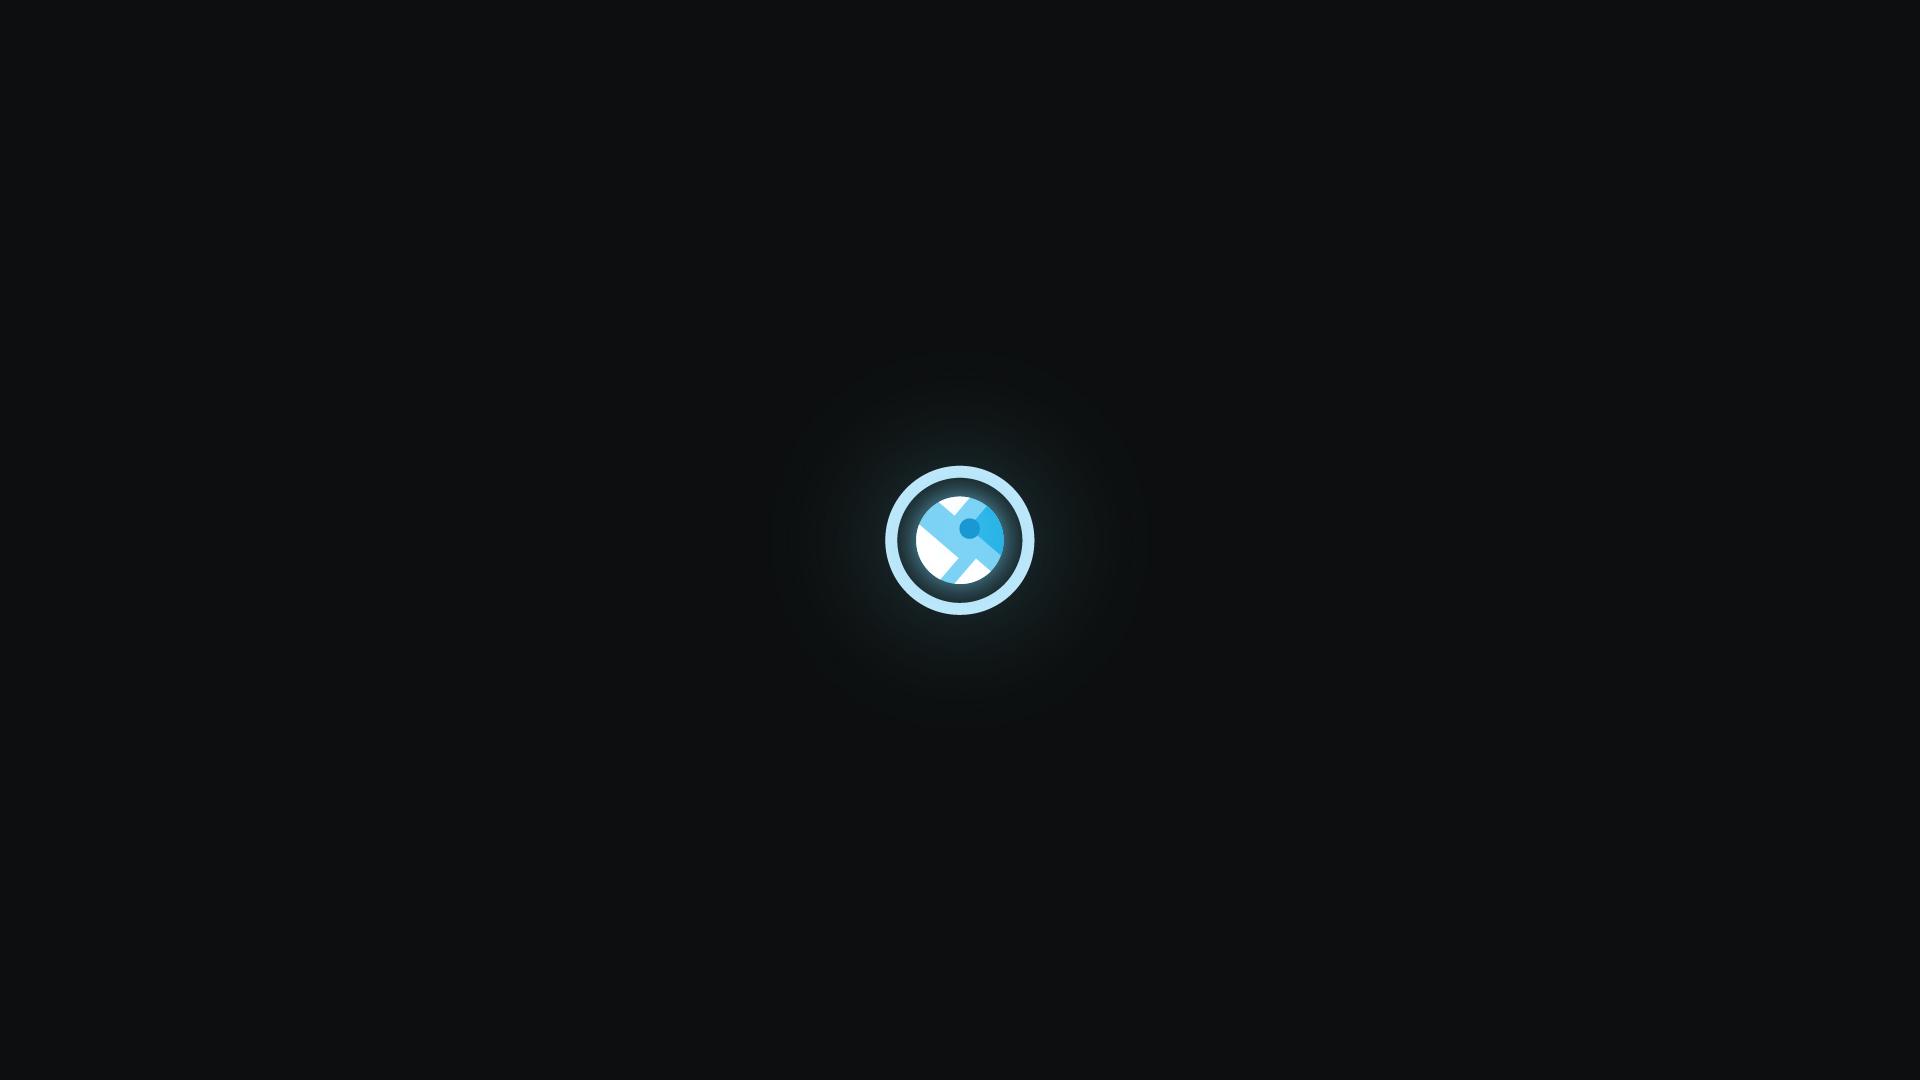 103468_cryostork_animation_styleframes_v1_sf_02.jpg